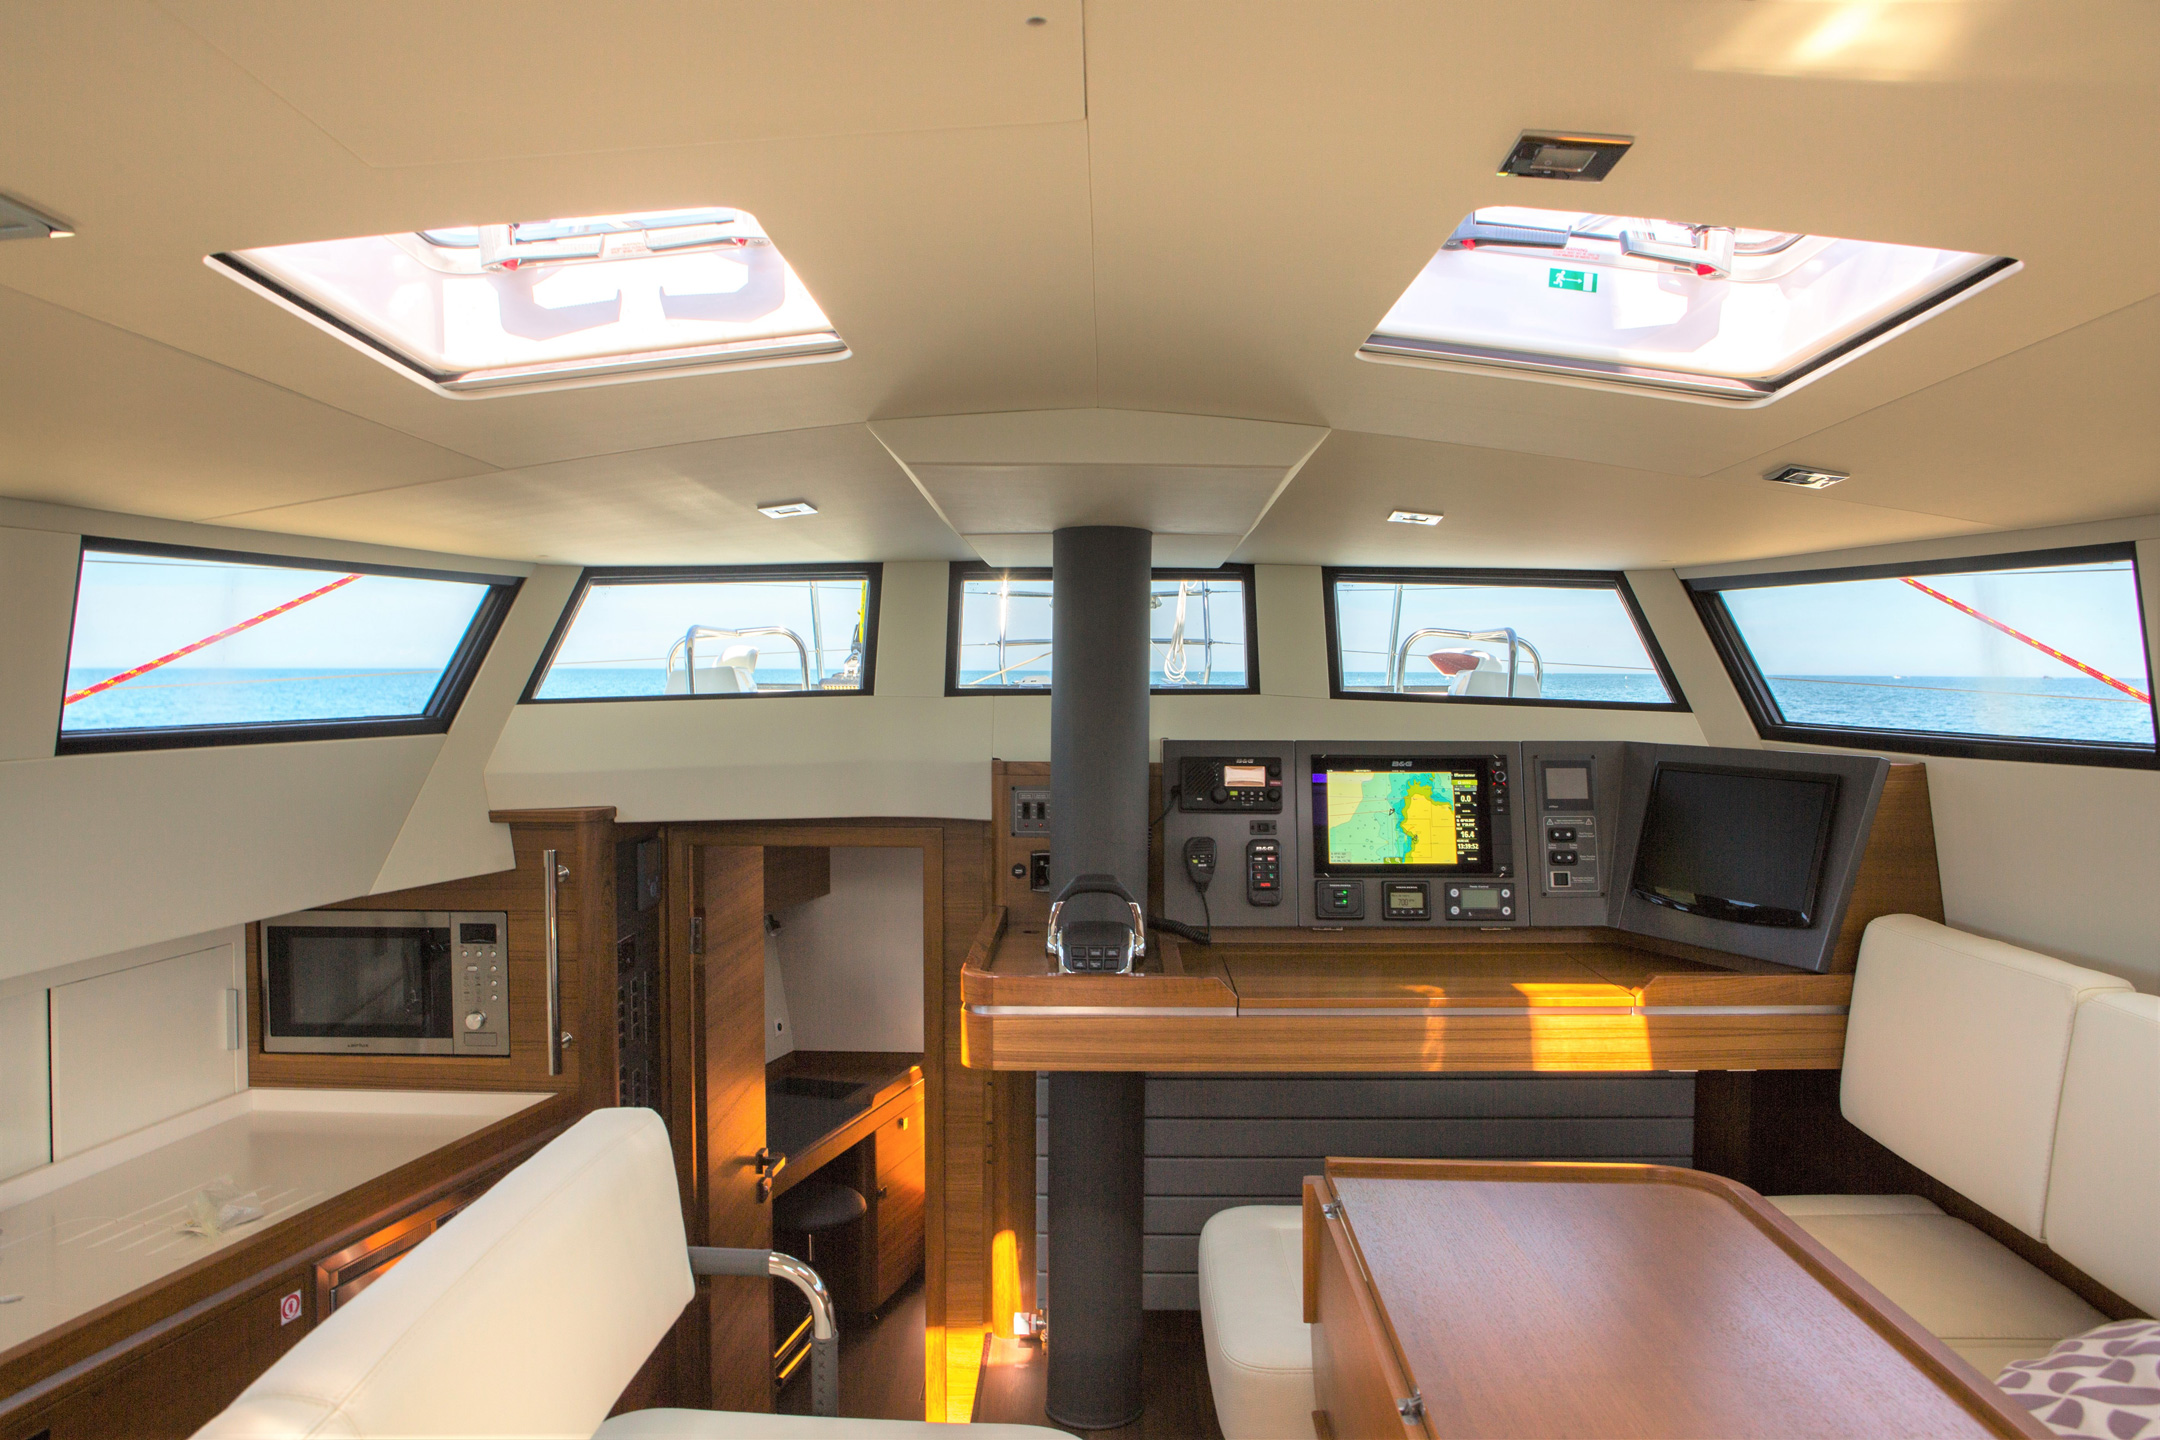 Le chantier Garcia Yachts est spécialisé depuis sa création dans la construction de voiliers à coque aluminium et il fait aujourd'hui partie du Groupe Grand Large Yachting. Dériveurs intégraux ou catamarans, les voiliers Garcia Exploration se démarquent par leur radicalité, tels que les Maracuja, ou les Passoa, et plusieurs grandes unités one-off remarquables. Ils sont connus également connus pour leur collaboration avec Jimmy Cornell et Pete Goss pour avoir créé des bateaux de grande croisière pour naviguer autour du monde, garantissant des finitions haut de gamme. The shipyard Garcia Yachts has specialized since its creation in the construction of aluminum hulled boats and sailboats and is now part of the Grand Large Yachting Group. Centerboarders, lifting keel, or catamarans, the Garcia Exploration sail yachts stand out for their radicality, as Maracuja and Passoa, and several remarkable one-off units. They are also known for their collaboration with Jimmy Cornell and Pete Goss for the creation of blue water cruising boats designed to navigate around the word guaranteeing high-end finishes.